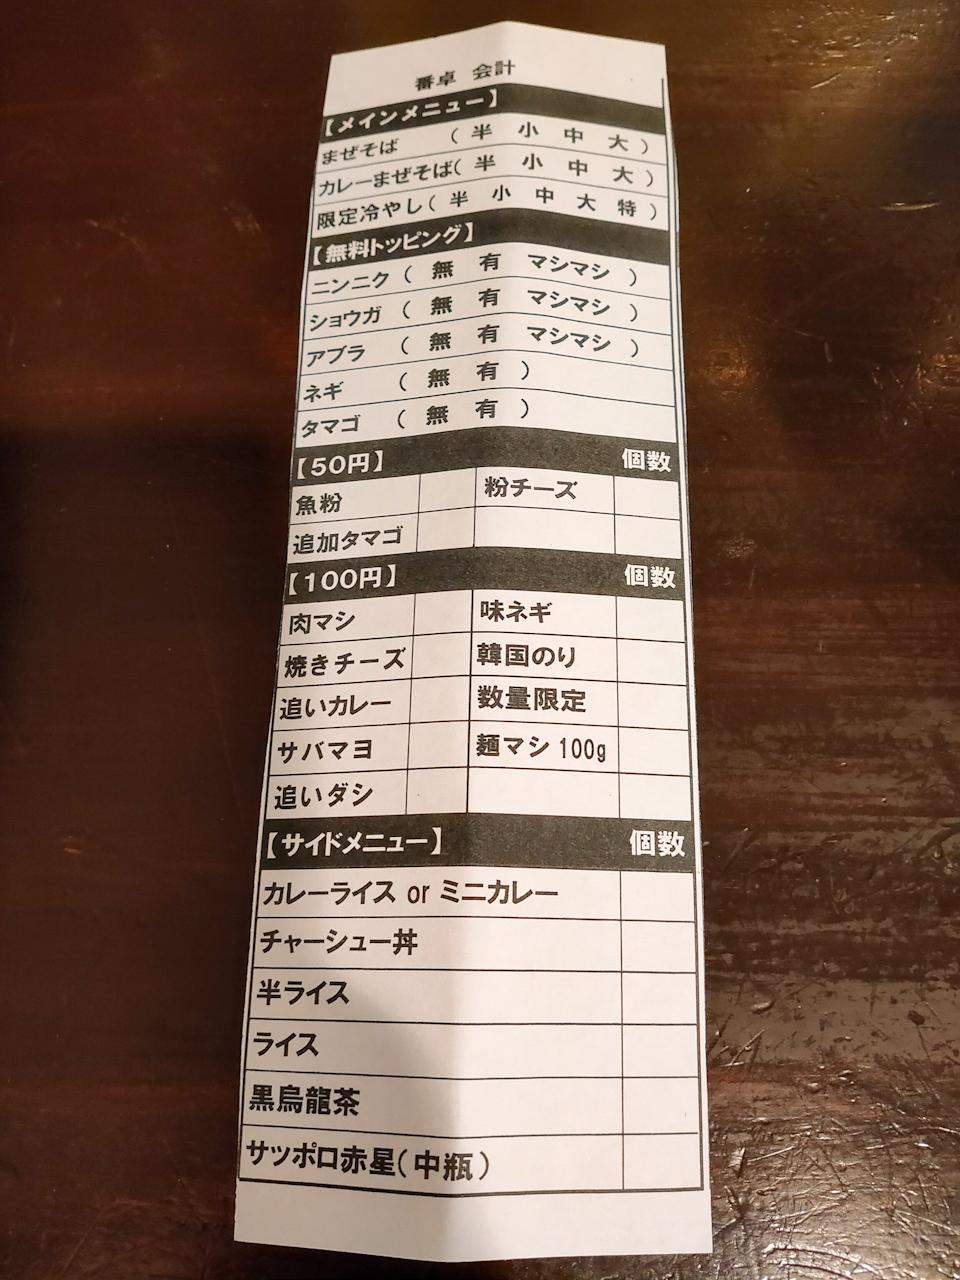 注文は注文用紙に記入して店員さんに渡します